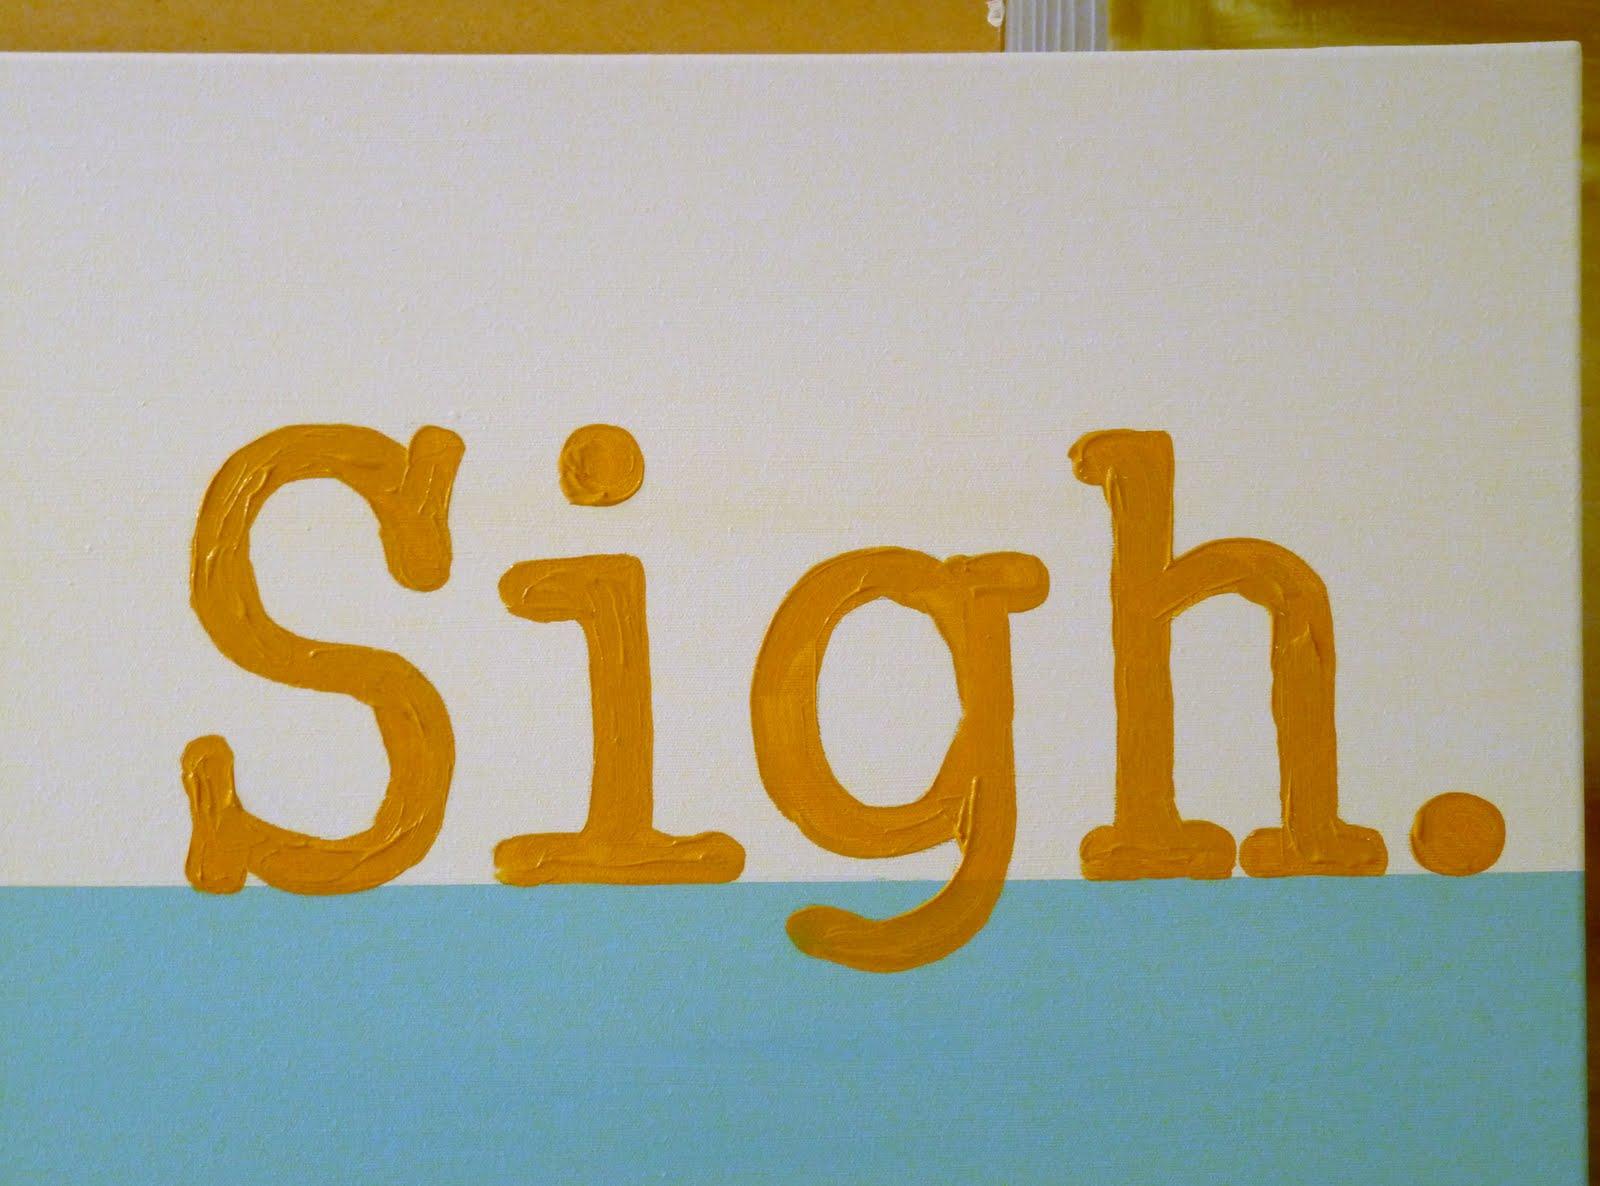 Easy hand lettered art idea